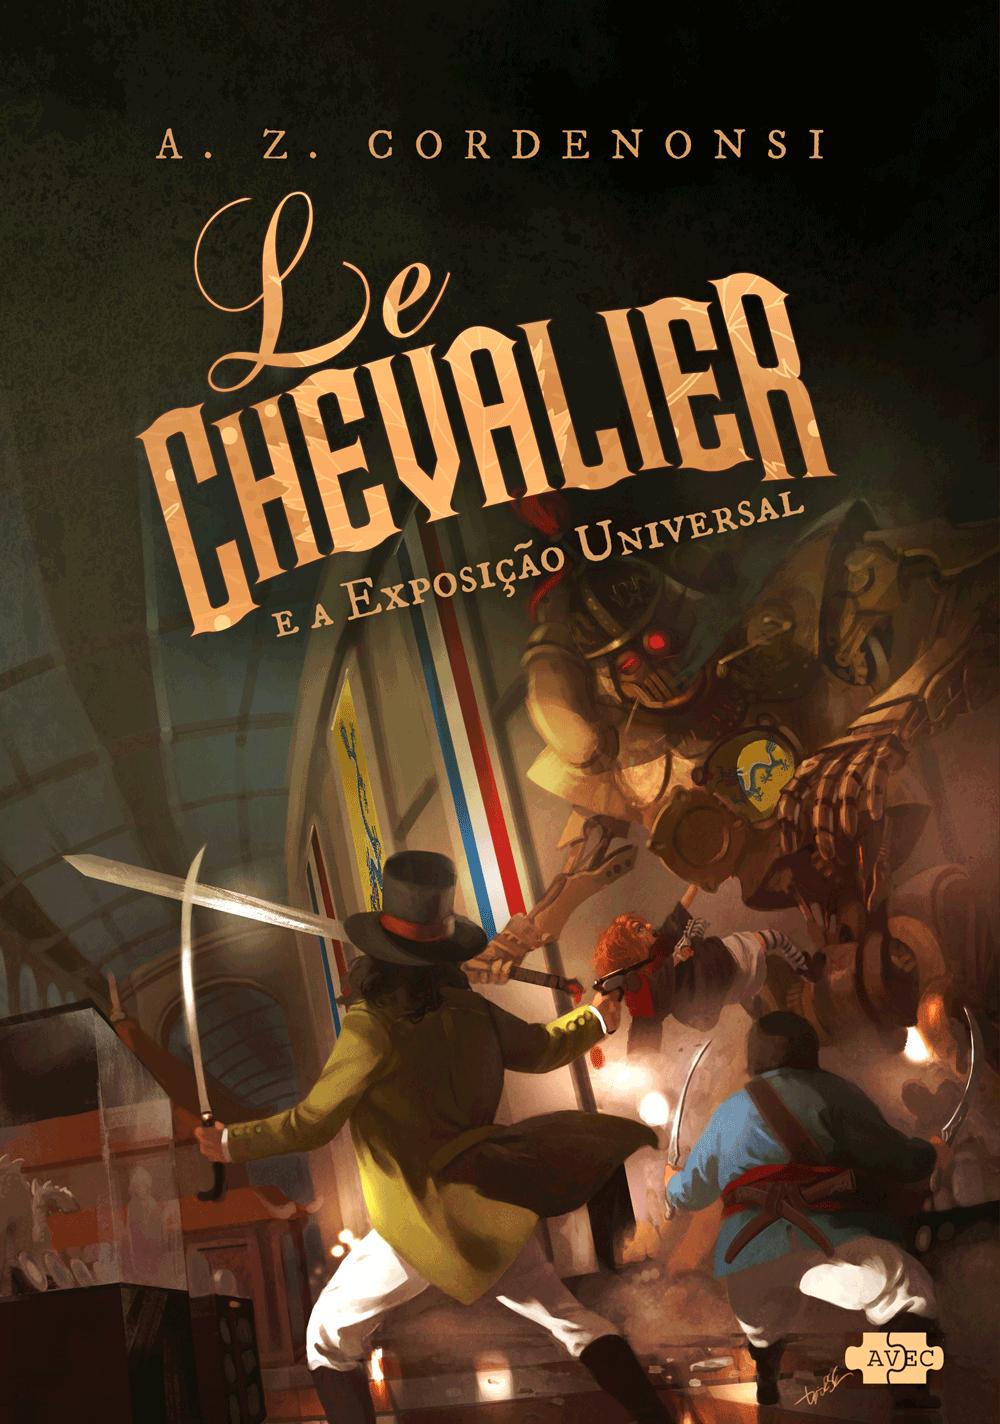 capa do livro Le Chevalier